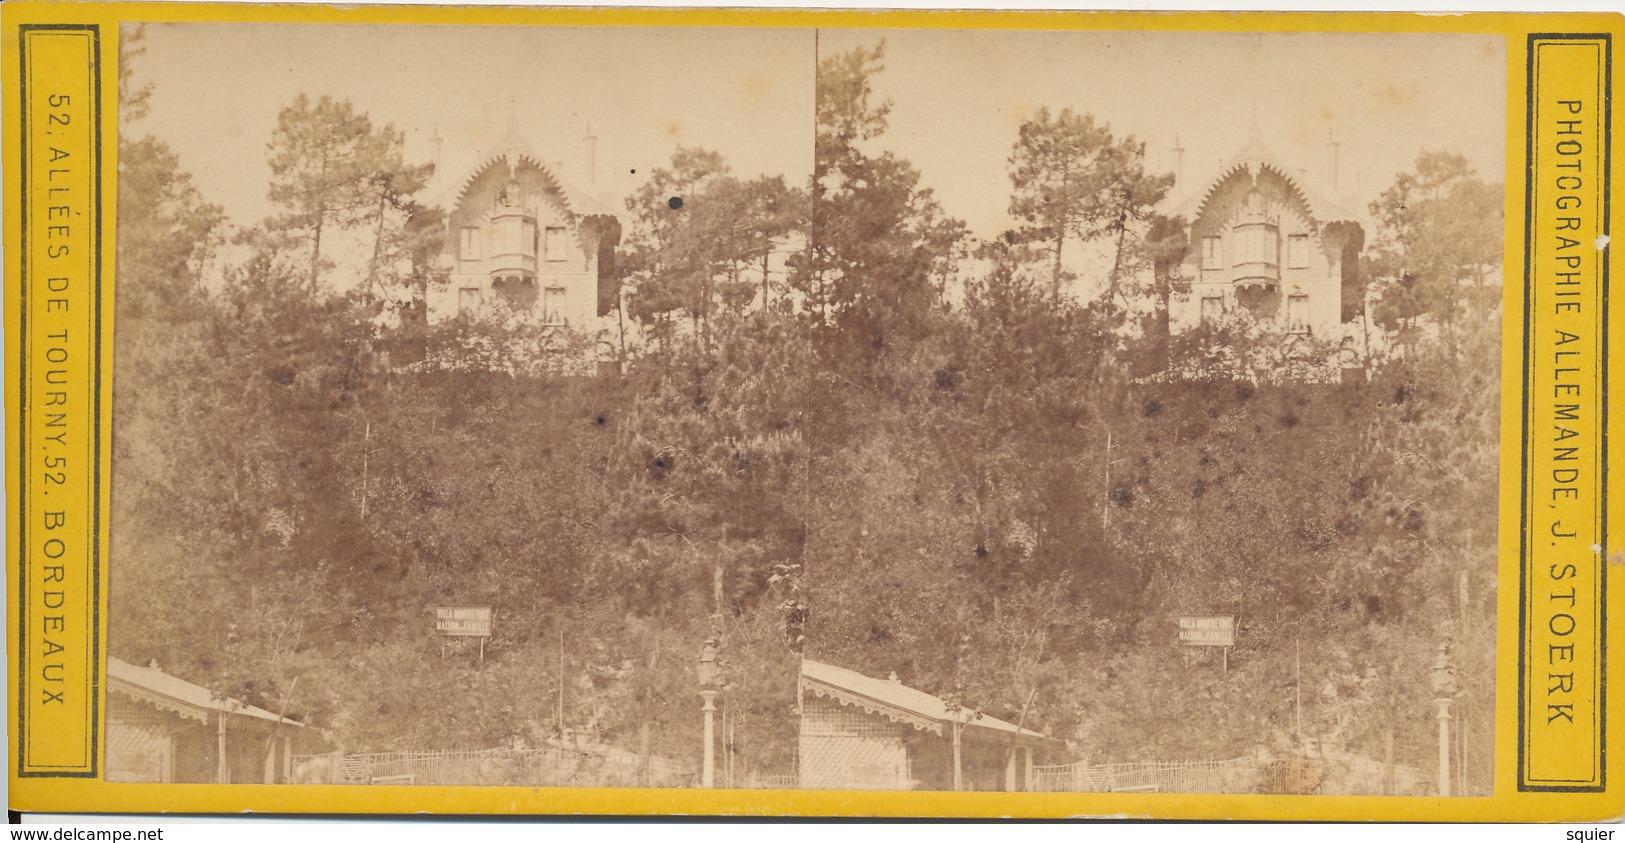 Bordeaux. Arcachon, Villa Montretout, J.Stoerk, Maison Famille - Photos Stéréoscopiques